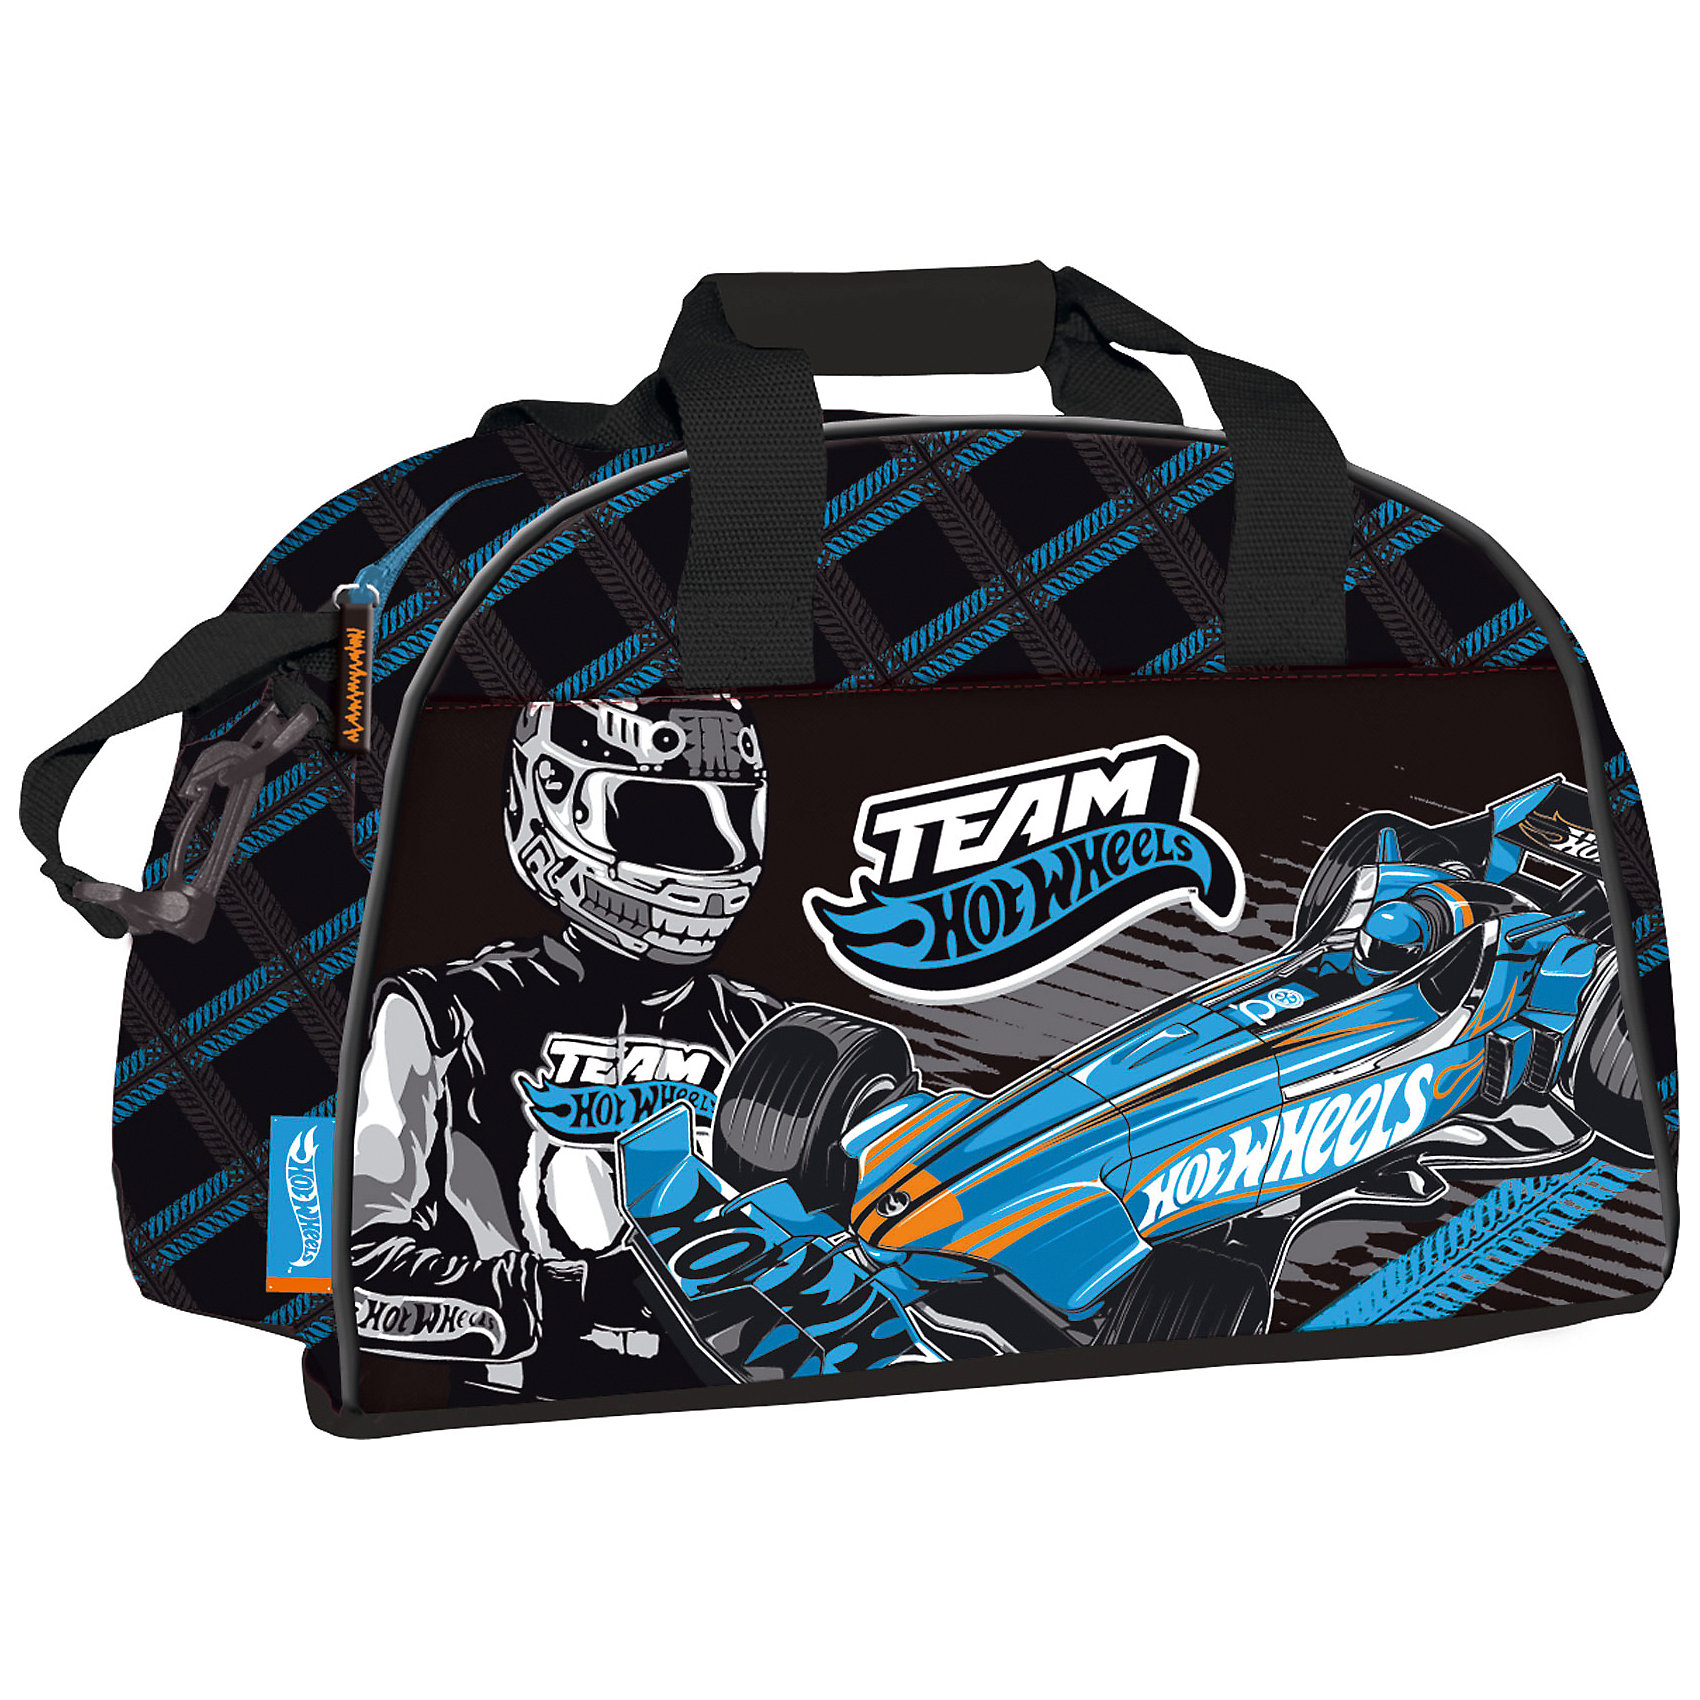 Сумка спортивная, Hot WheelsСпортивные сумки<br>Сумка спортивная, Hot Wheels (Хот Вилз).   <br><br>Характеристики:<br><br>- Размеры: 26х40х22 см<br>- Вес: 561 г<br>- Цвет: черный с голубым принтом.<br><br>Удобная, вместительная сумка для похода в спортивные секции. Такую сумку также  можно  использовать, как дорожную, что особенно удобно  в летний период времени, когда дети уезжают в санатории и лагеря. Такая сумка порадует каждого мальчика. Сумка спортивная из прочного, водонепроницаемого материала. Предусмотрены две текстильные ручки для переноски в руке и большой ремень для ношения сумки на плече. Закрывается сумка на замок – молнию. Сумка декорирована героями Hot Wheels (Хот Вилз).   <br><br>Сумку спортивную, Hot Wheels (Хот Вилз), можно купить в нашем интернет – магазине.<br><br>Ширина мм: 260<br>Глубина мм: 400<br>Высота мм: 220<br>Вес г: 561<br>Возраст от месяцев: 96<br>Возраст до месяцев: 108<br>Пол: Мужской<br>Возраст: Детский<br>SKU: 5218427